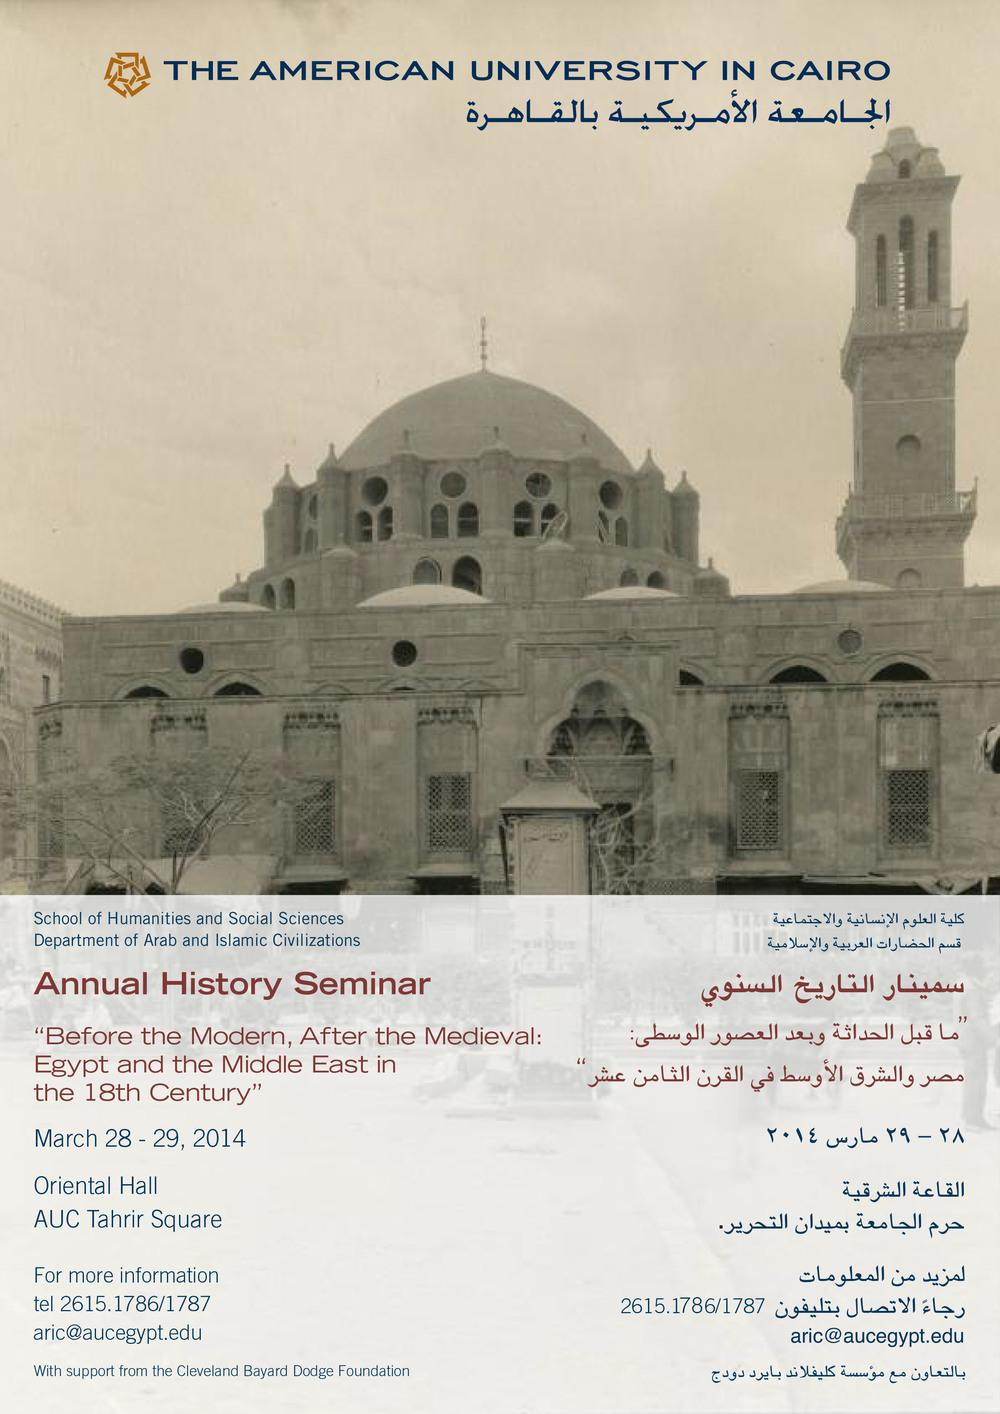 Annual hist seminar poster A4-2-jan2014.jpg